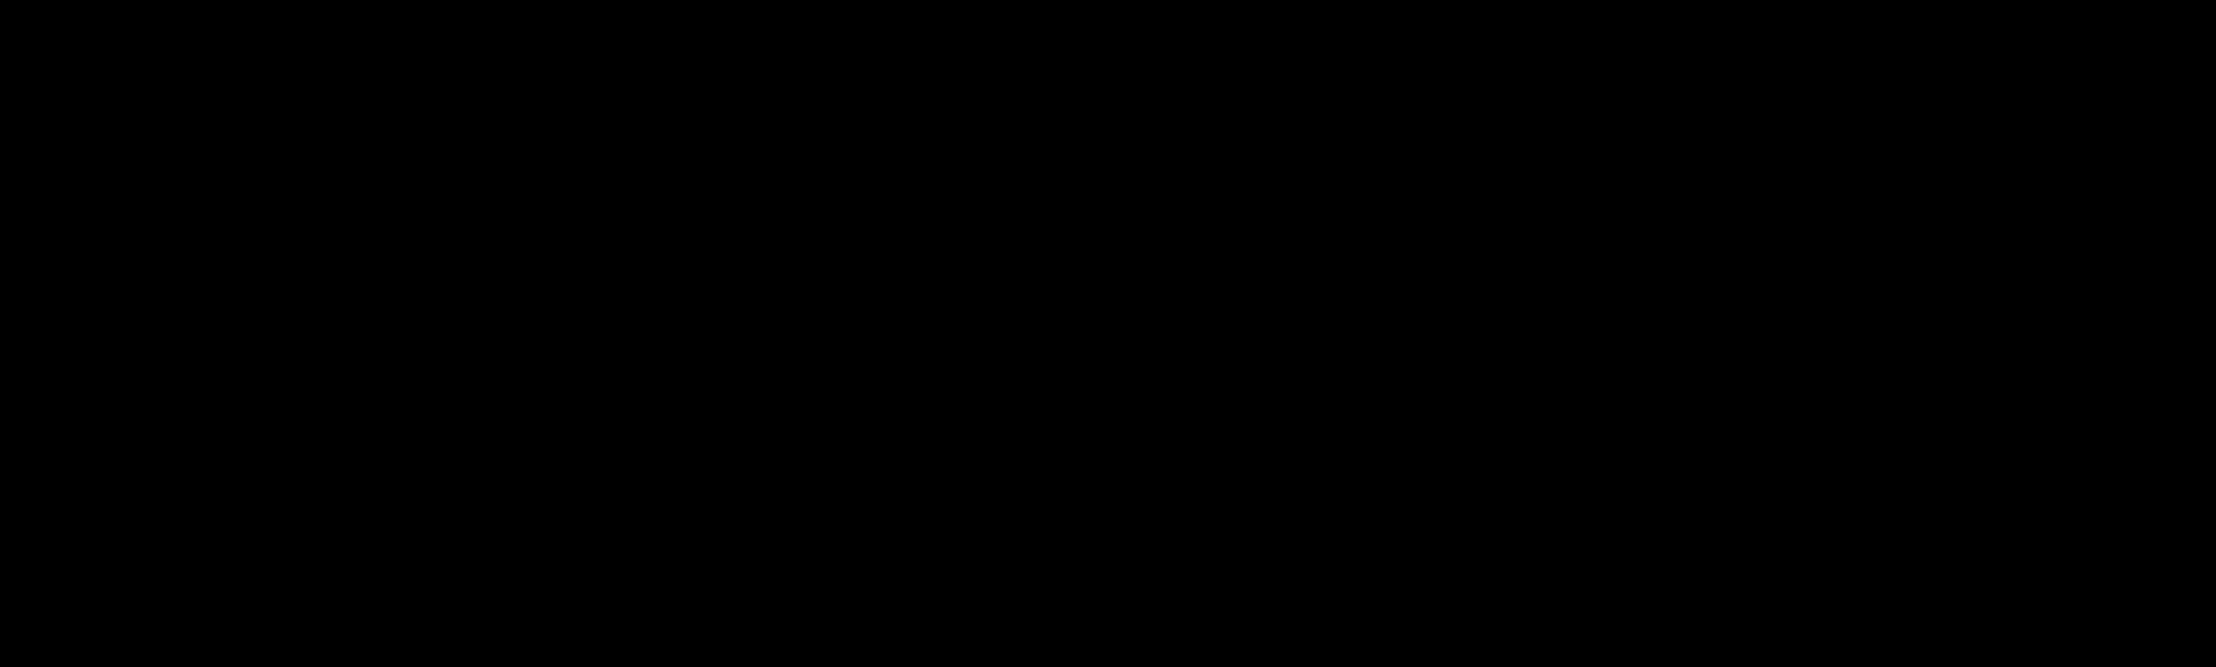 Preview: UBISOFT ENTHÜLLT FIRST LOOK TRAILER VON AVATAR: FRONTIERS OF PANDORA™